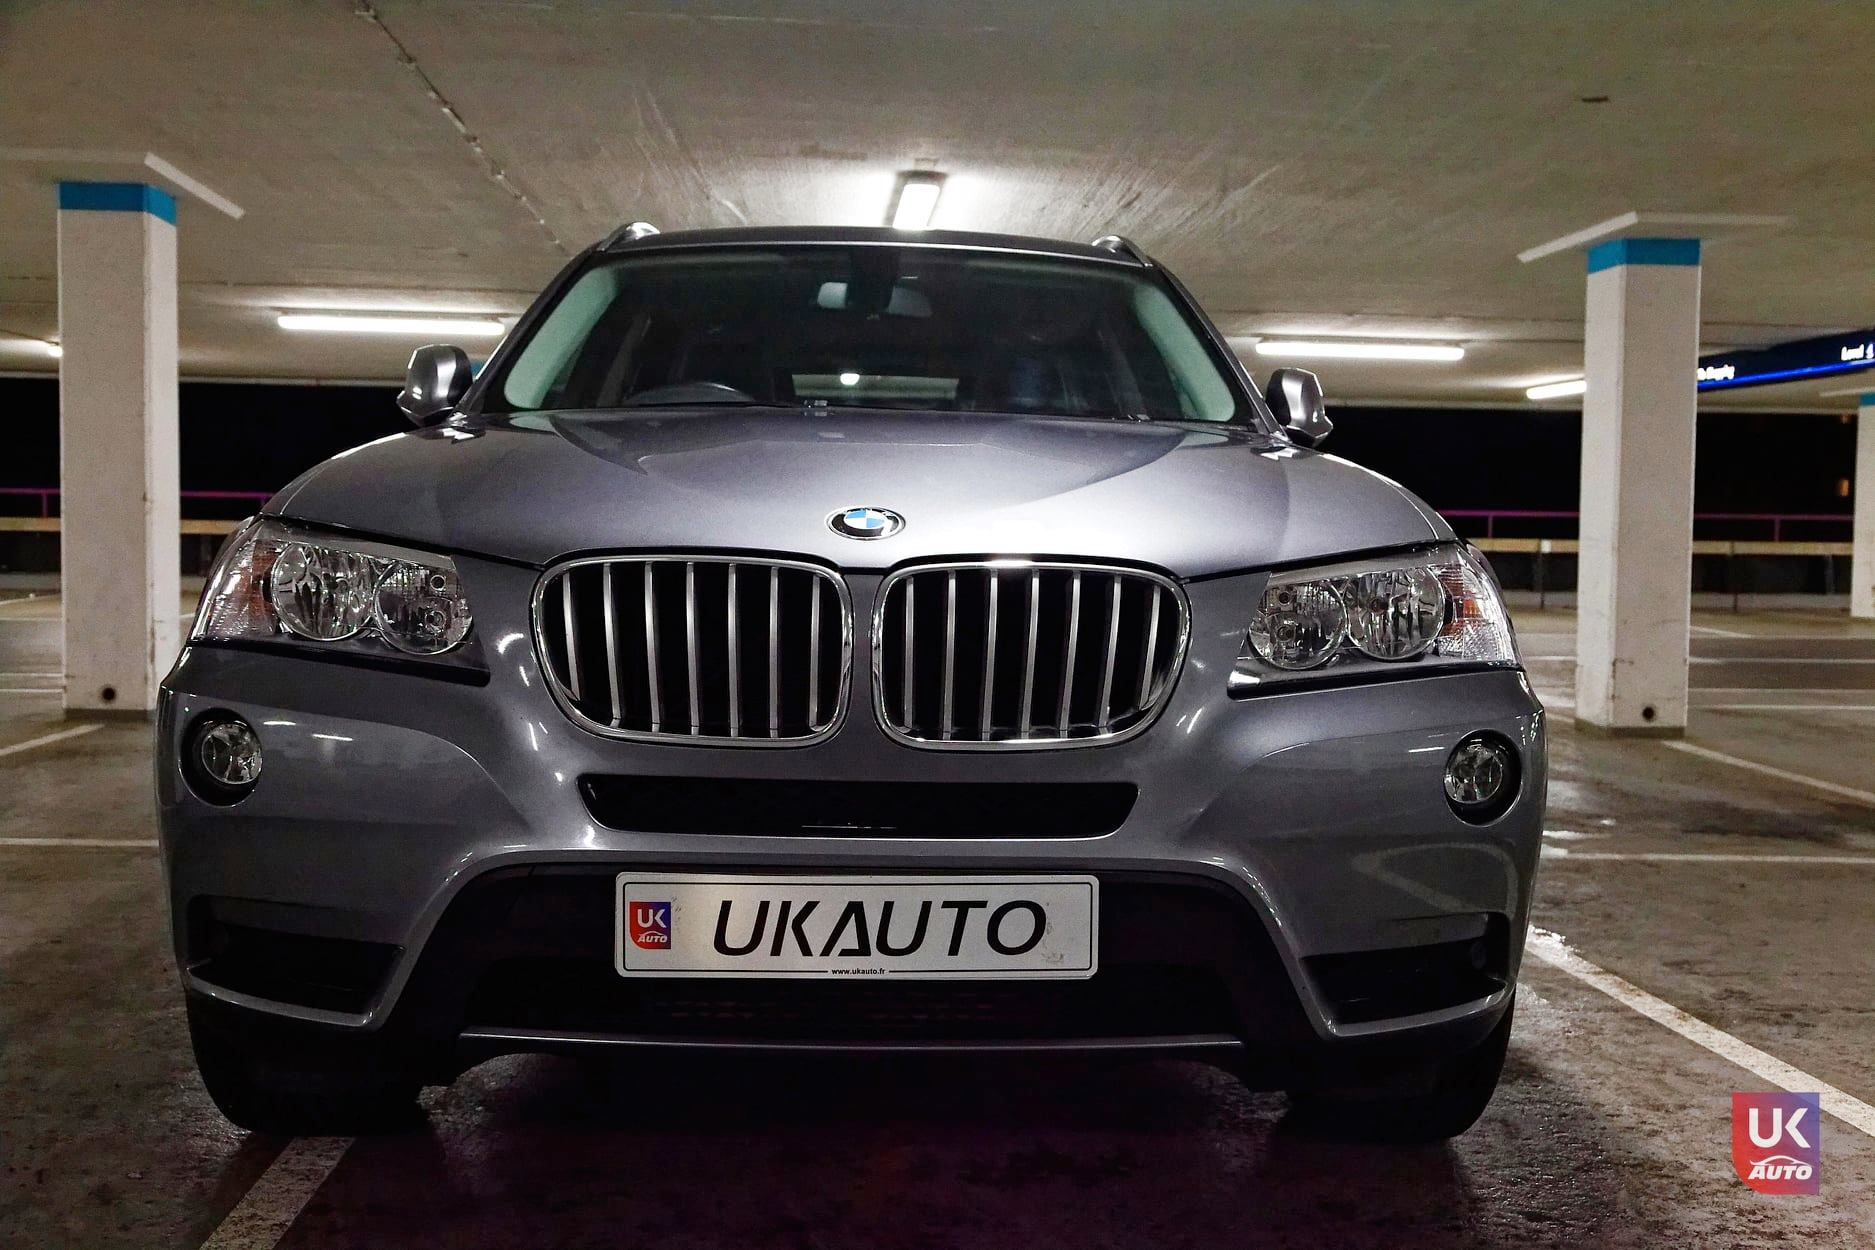 Voiture occasion royaume uni BMW X3 IMPORT UK5 - Voiture occasion royaume uni BMW X3 IMPORT UK